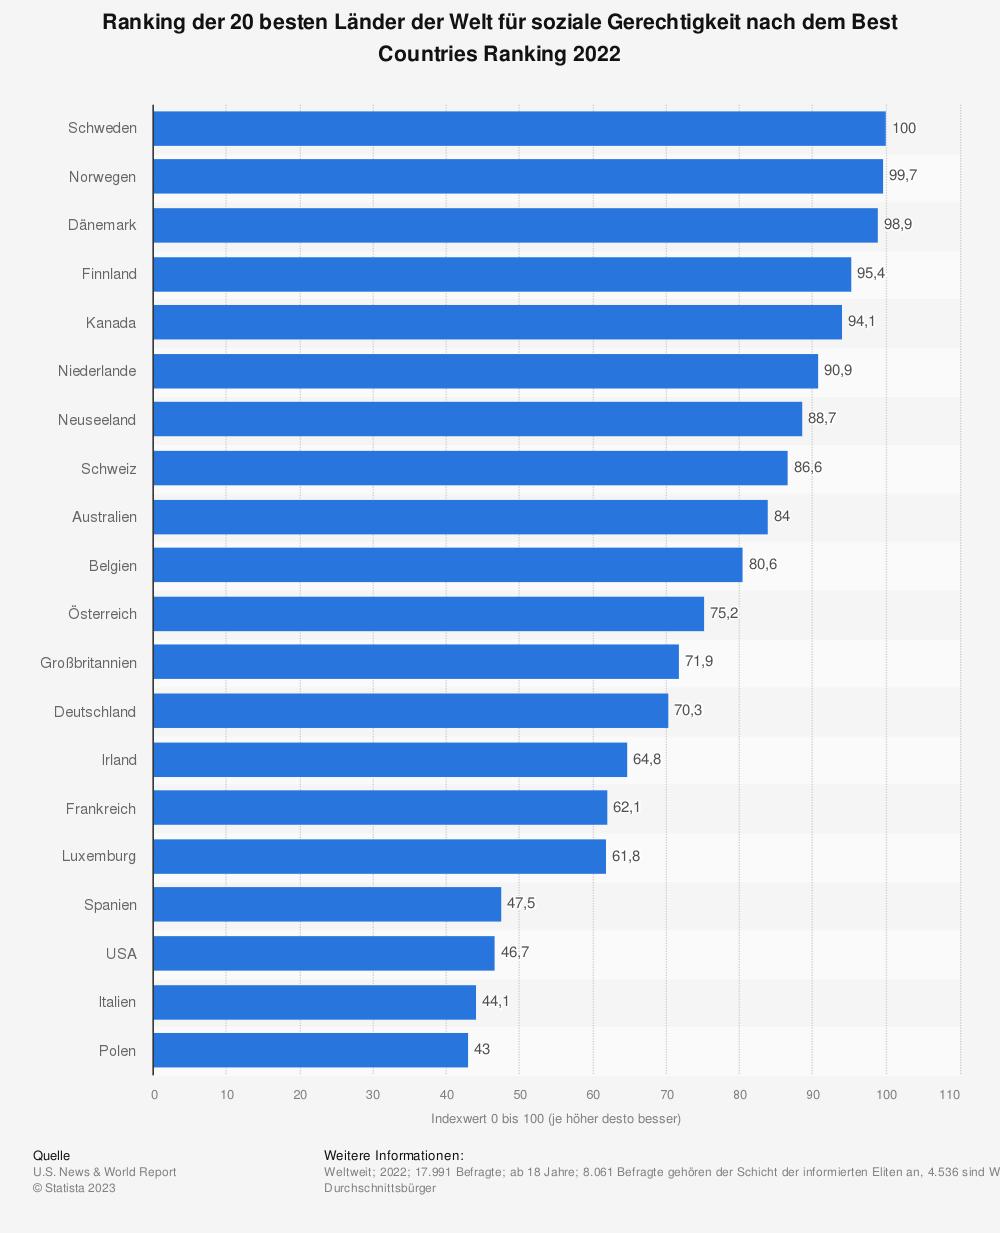 Statistik: Ranking der 20 politisch modernsten Länder nach dem Best Countries Ranking 2018 | Statista